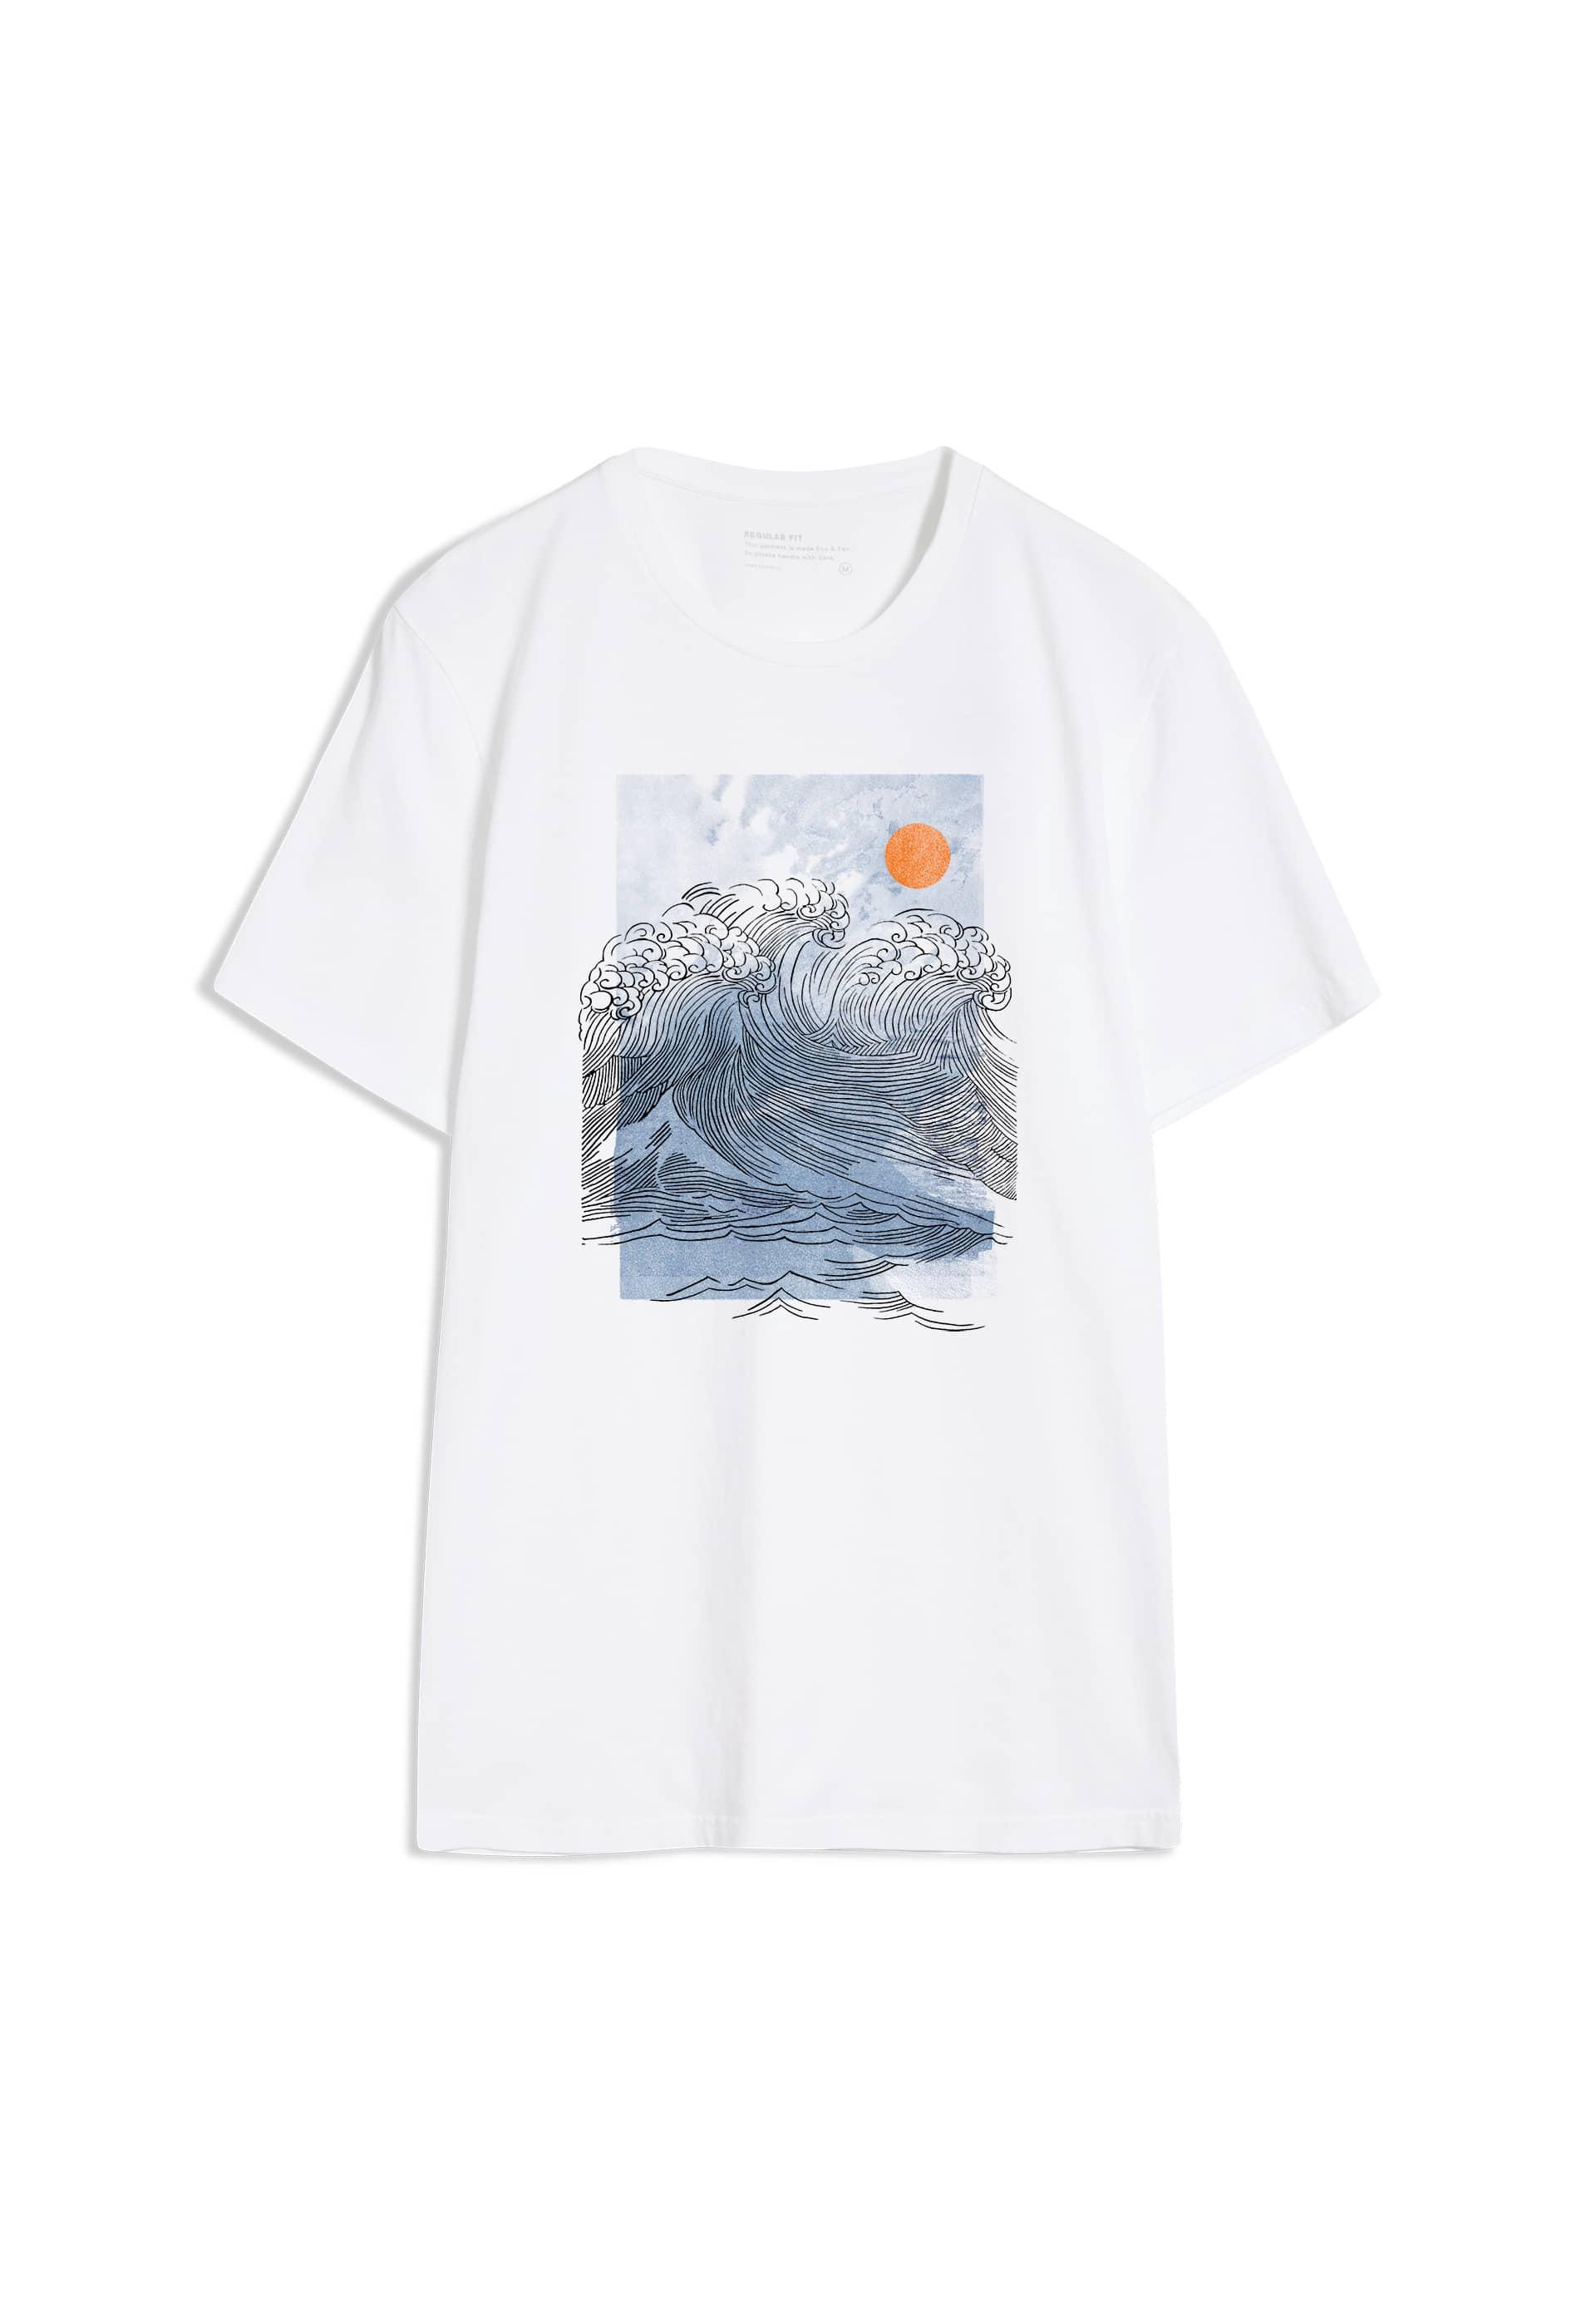 JAAMES BIG WAVE